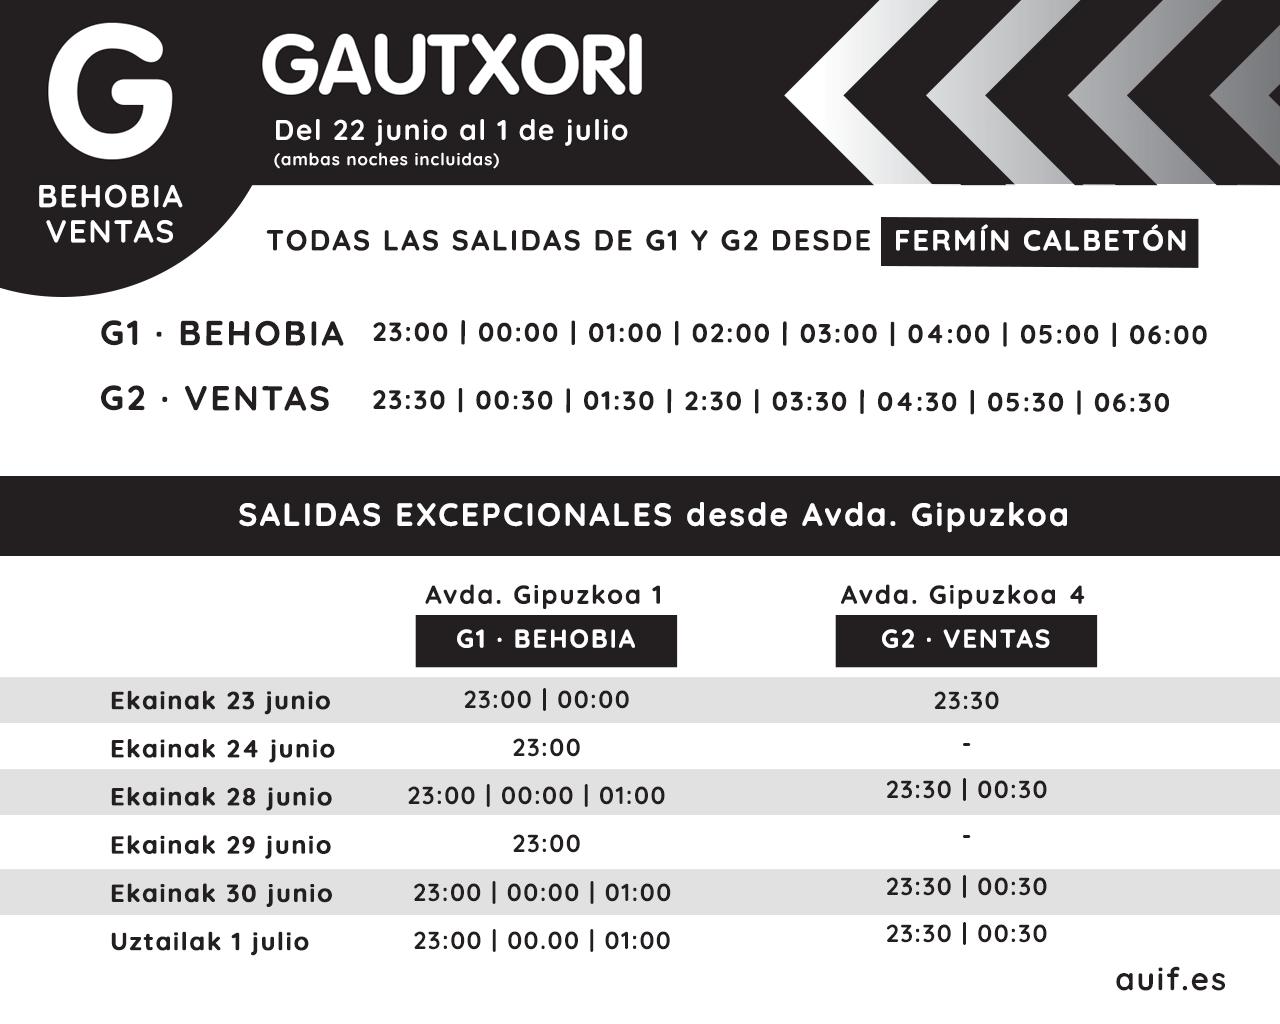 Gautxori San Marcial 2018